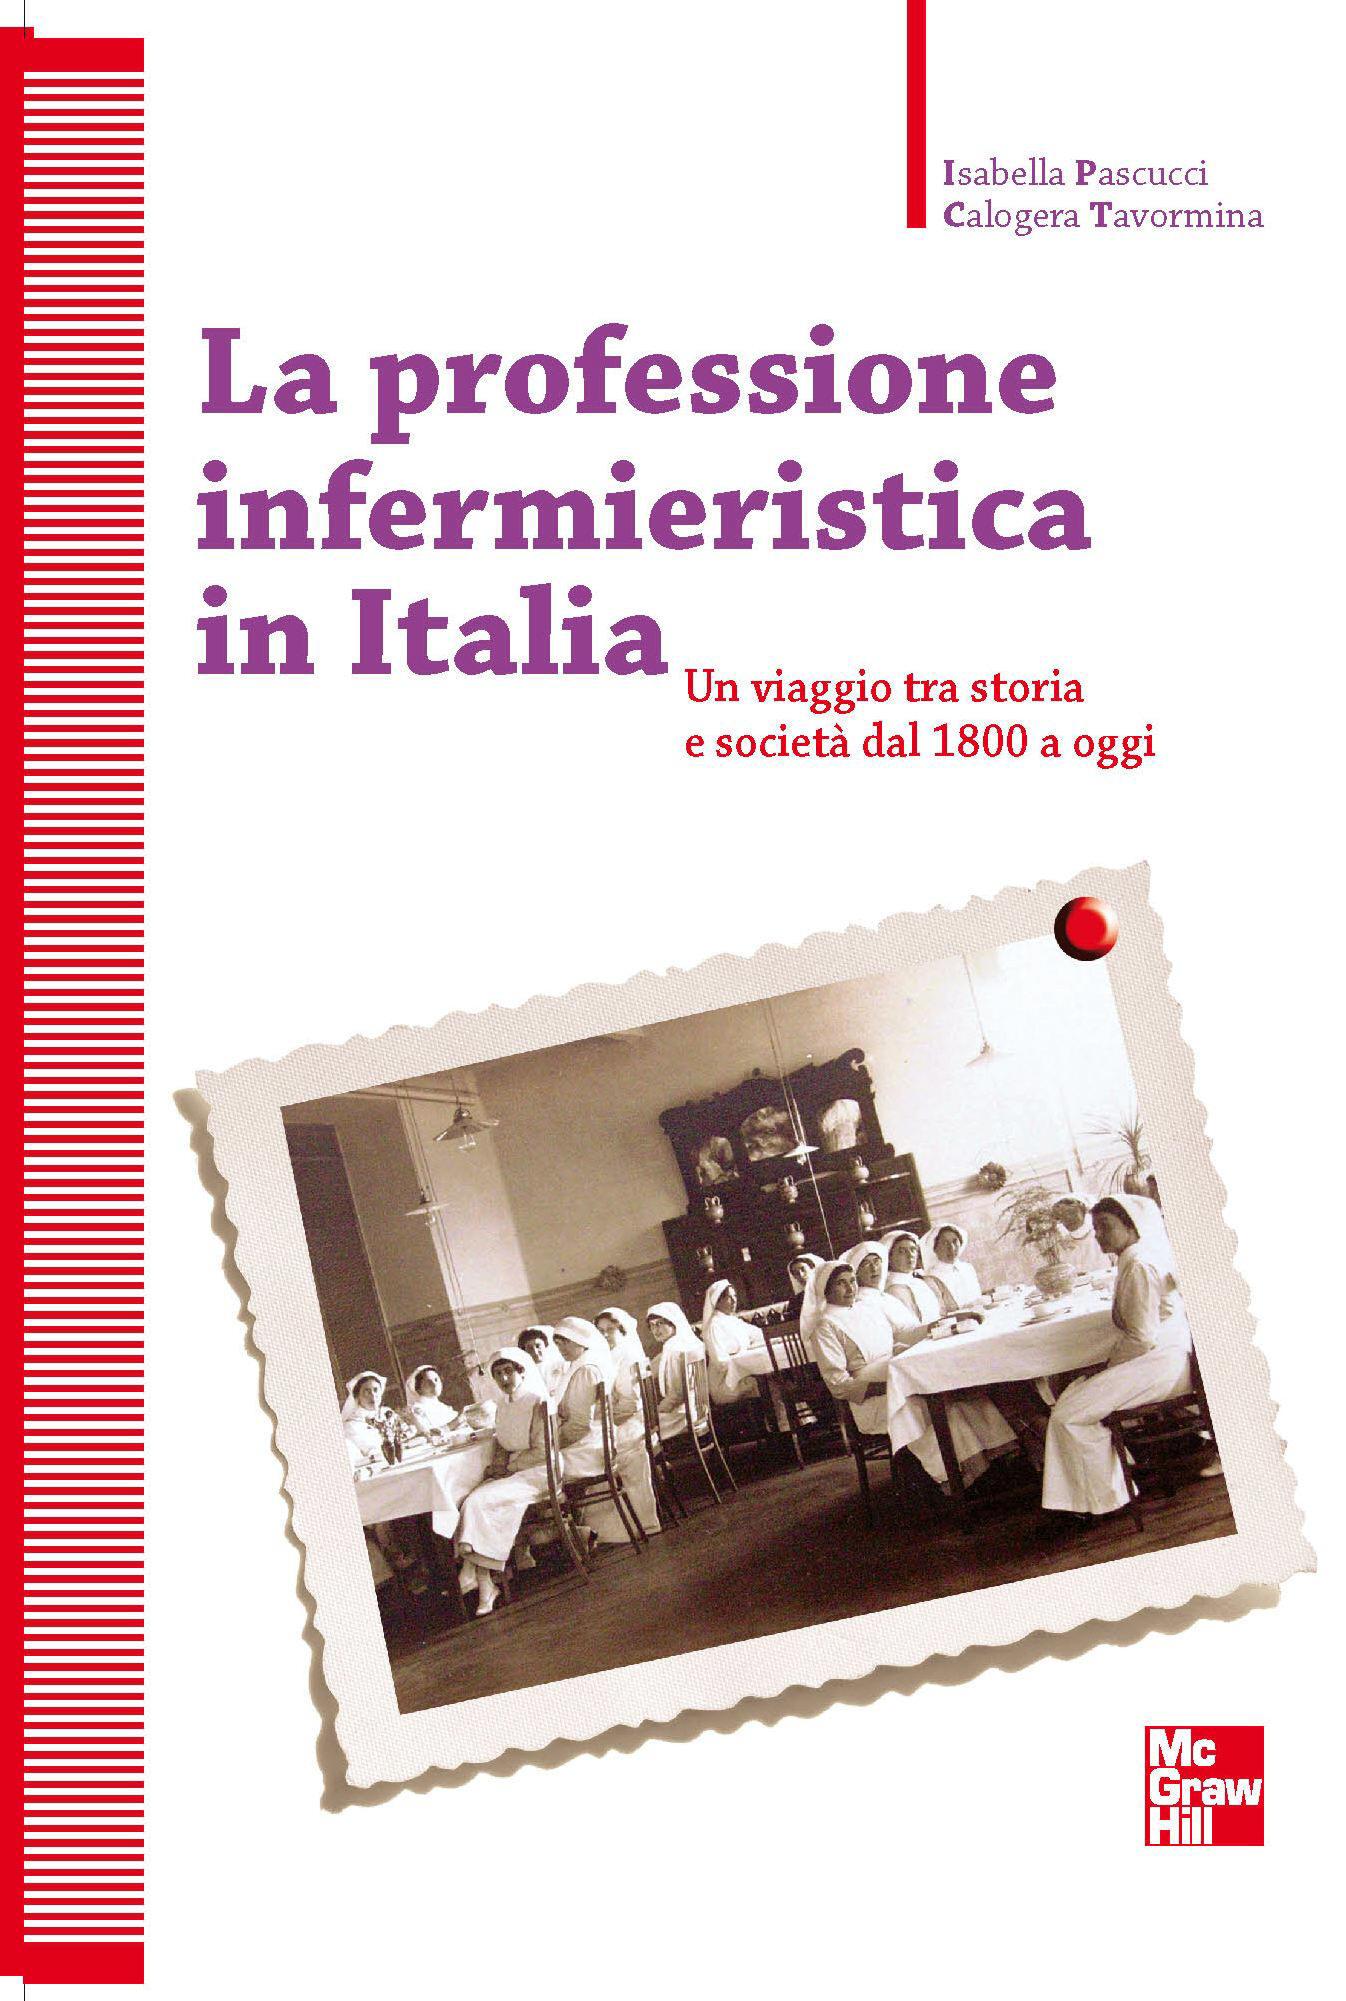 """""""La professione infermieristica in Italia"""" di Isabella Pascucci e Calogera Tavormina – recensione di Giuseppe Saponaro"""